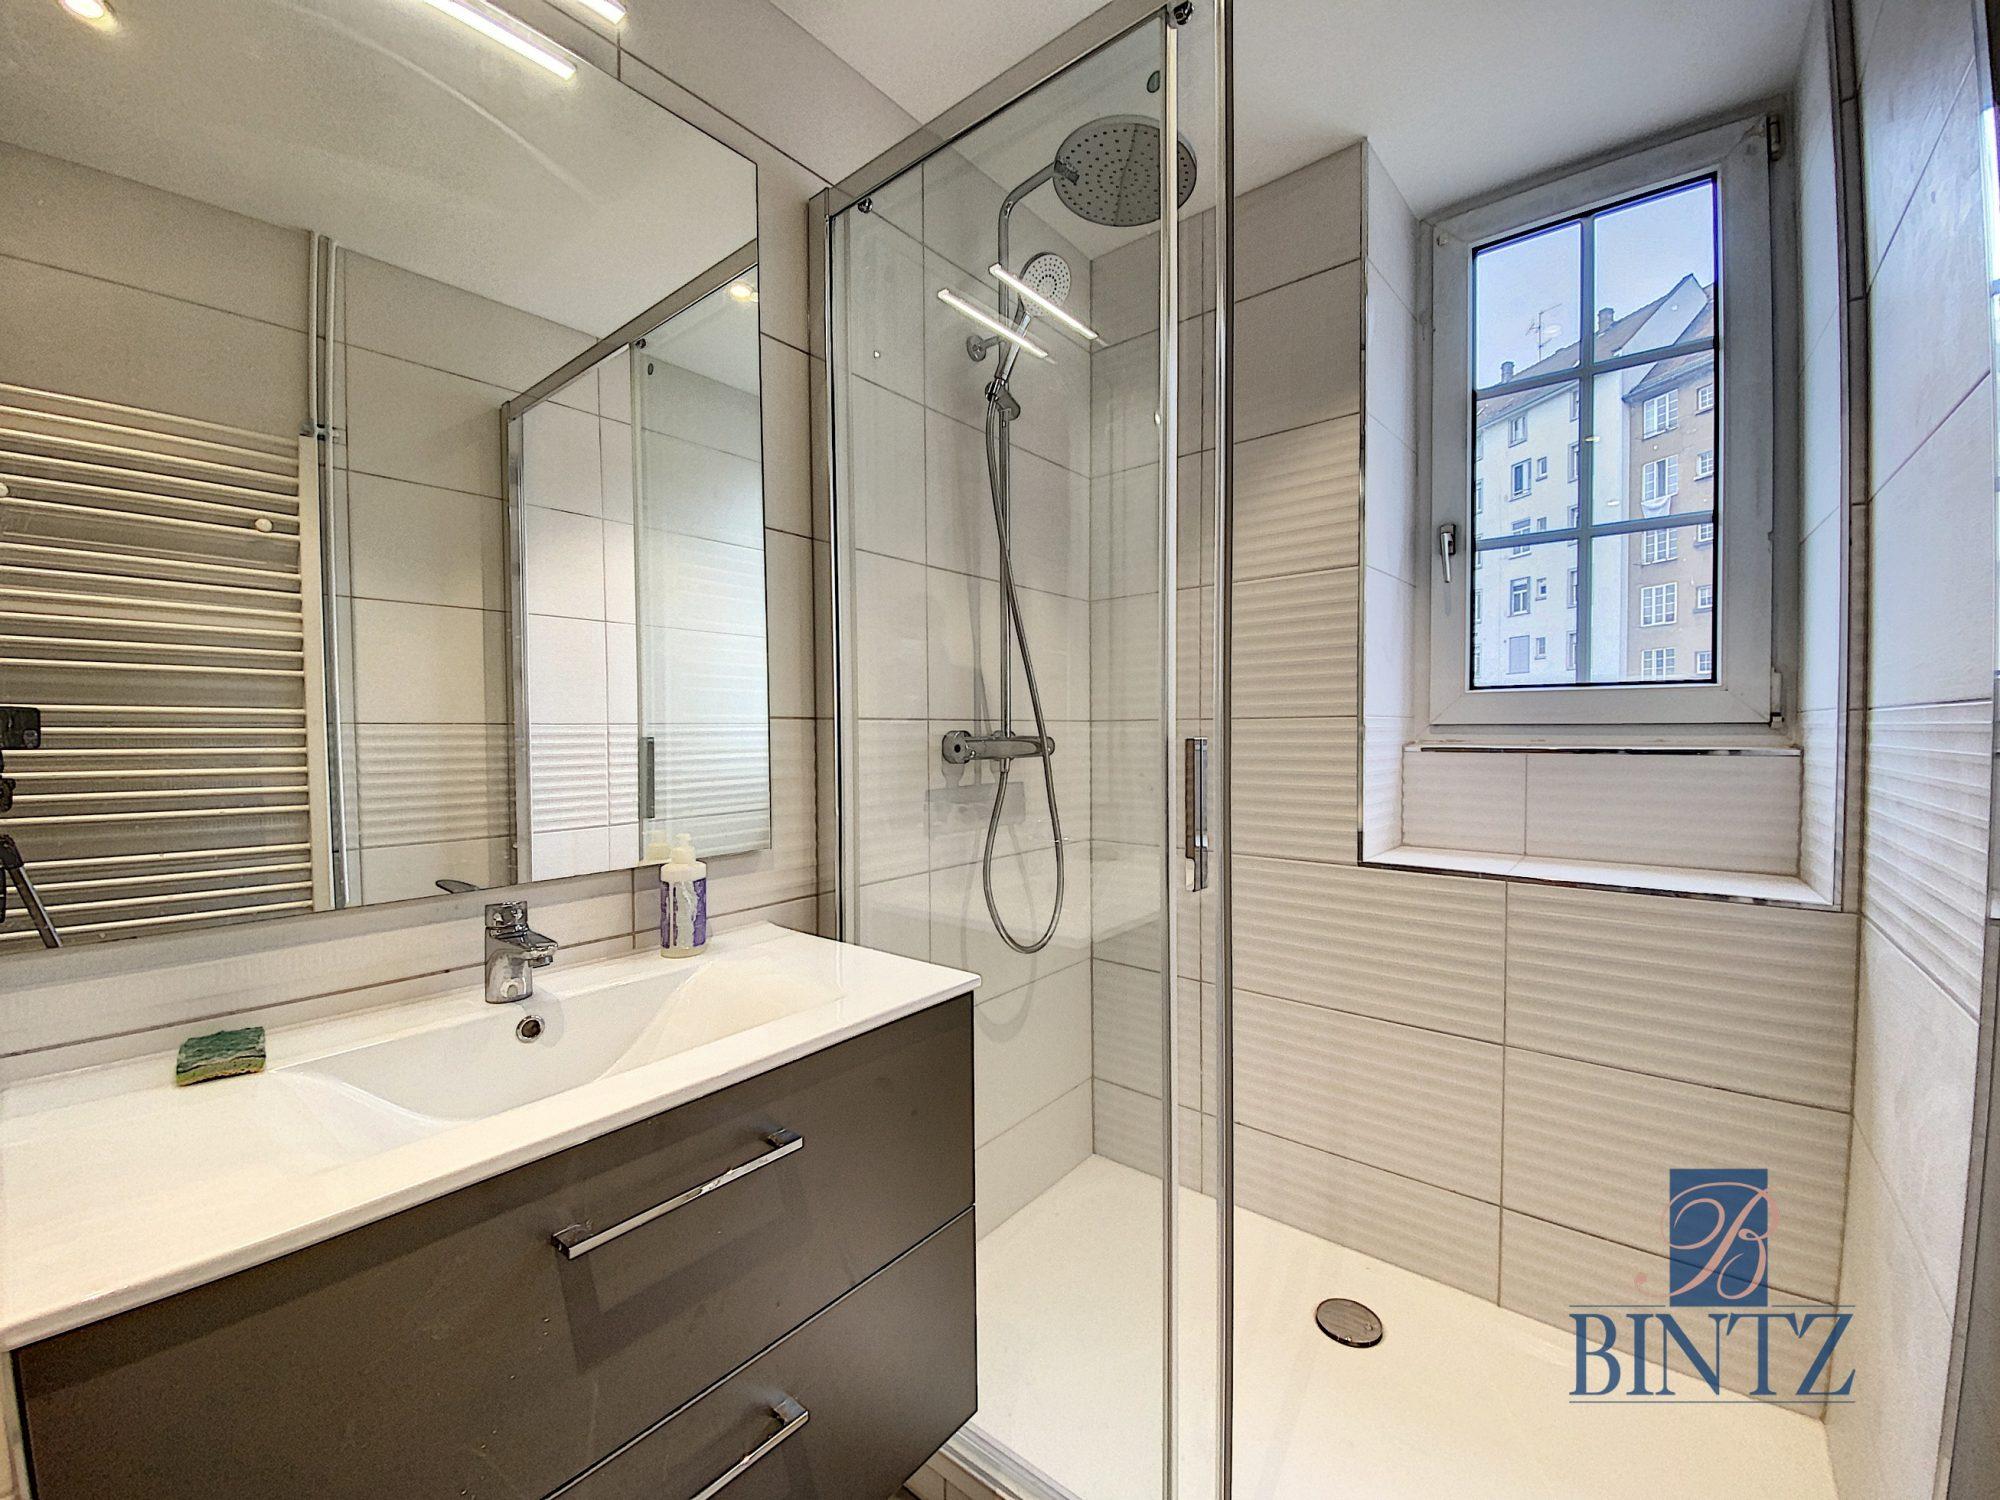 Appartement 3 pièces 69m2 dans le quartier des XV - Devenez propriétaire en toute confiance - Bintz Immobilier - 8